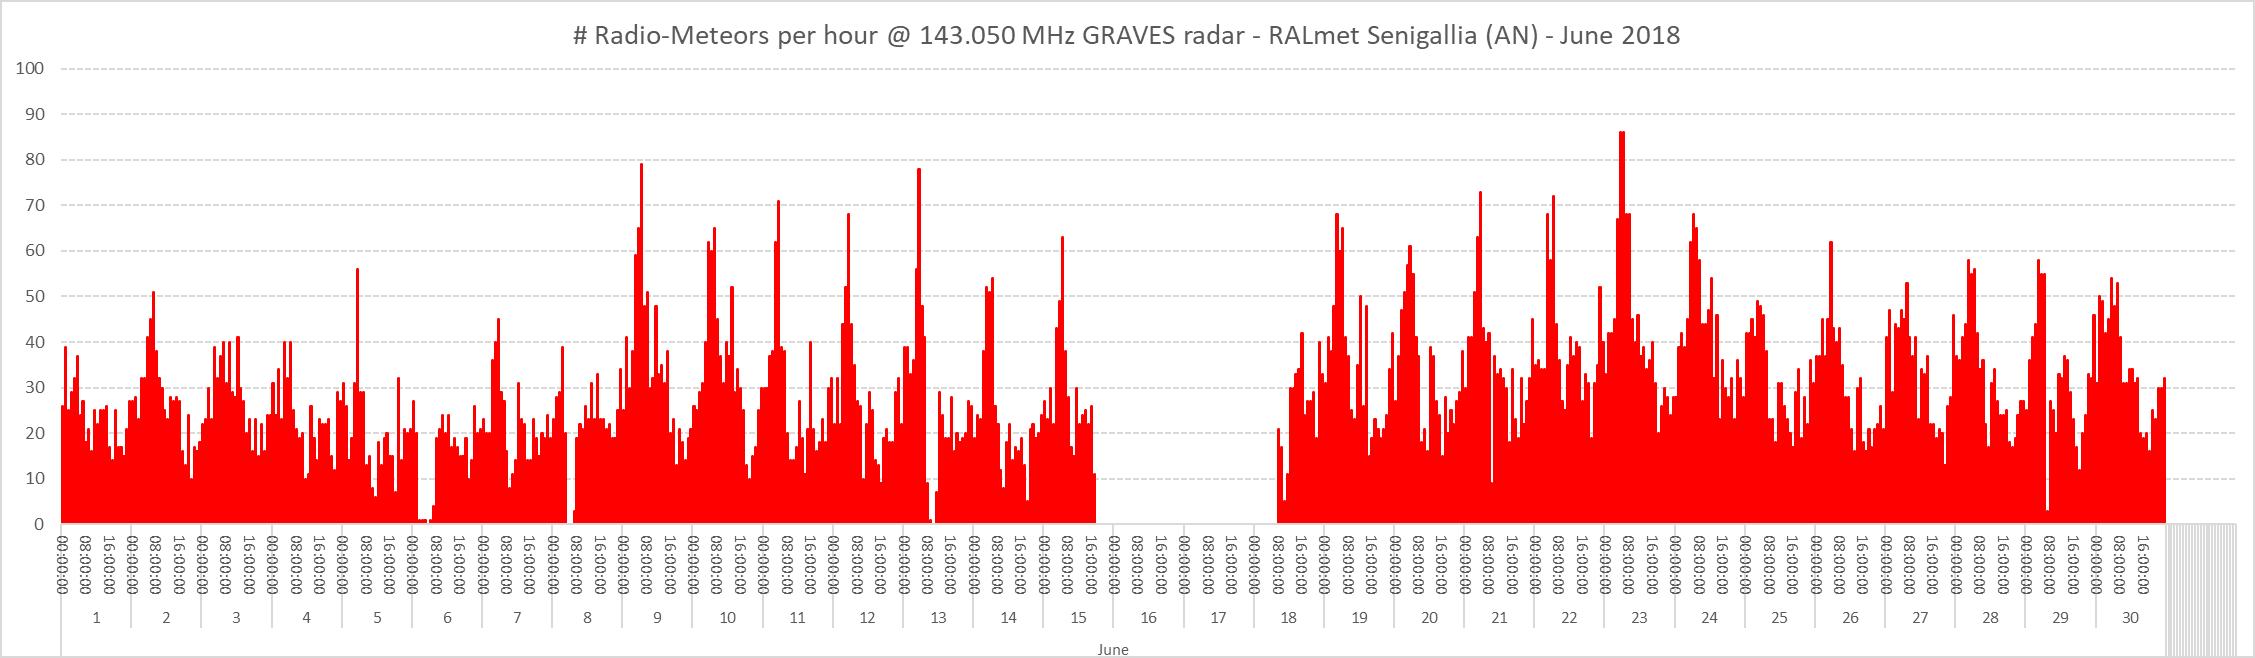 Conteggio del numero di radio-meteore per ora nel mese di Giugno 2018. La regione centrale (assenza di dati) corrisponde a una temporanea sospensione dell'attività di monitoraggio (causa manutenzione).